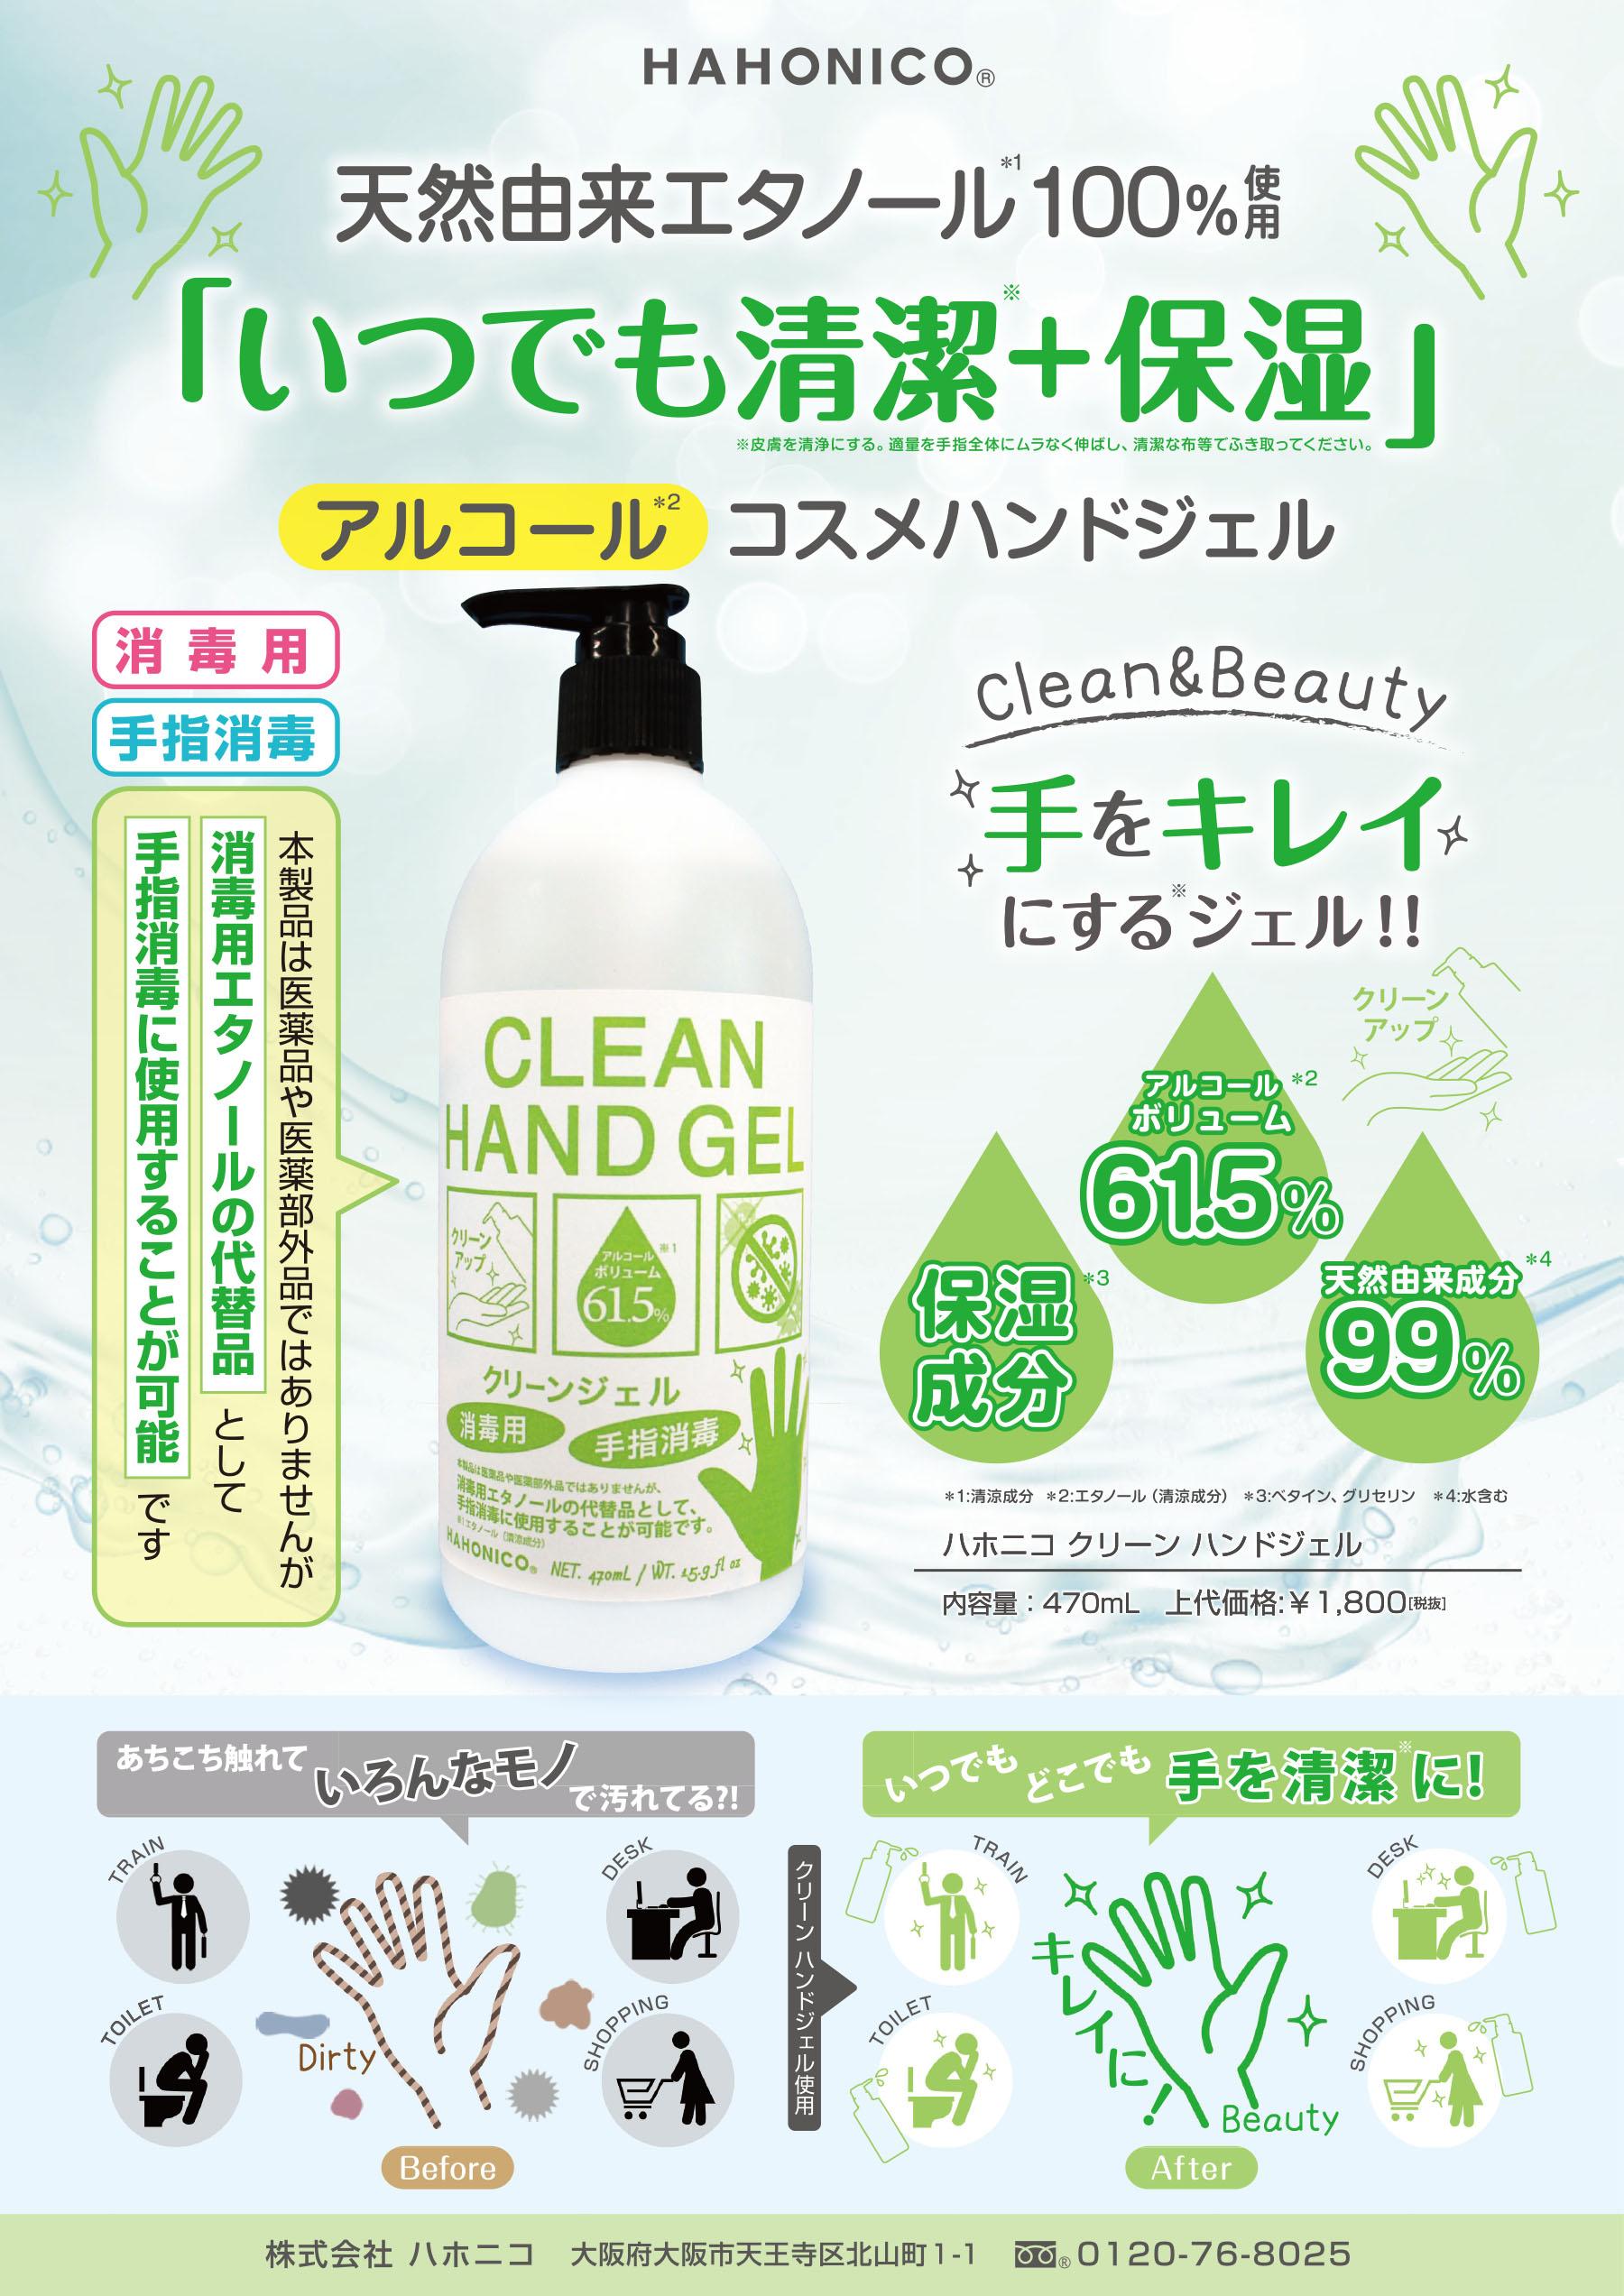 天然由来エタノール100%使用 いつでも清潔+保湿